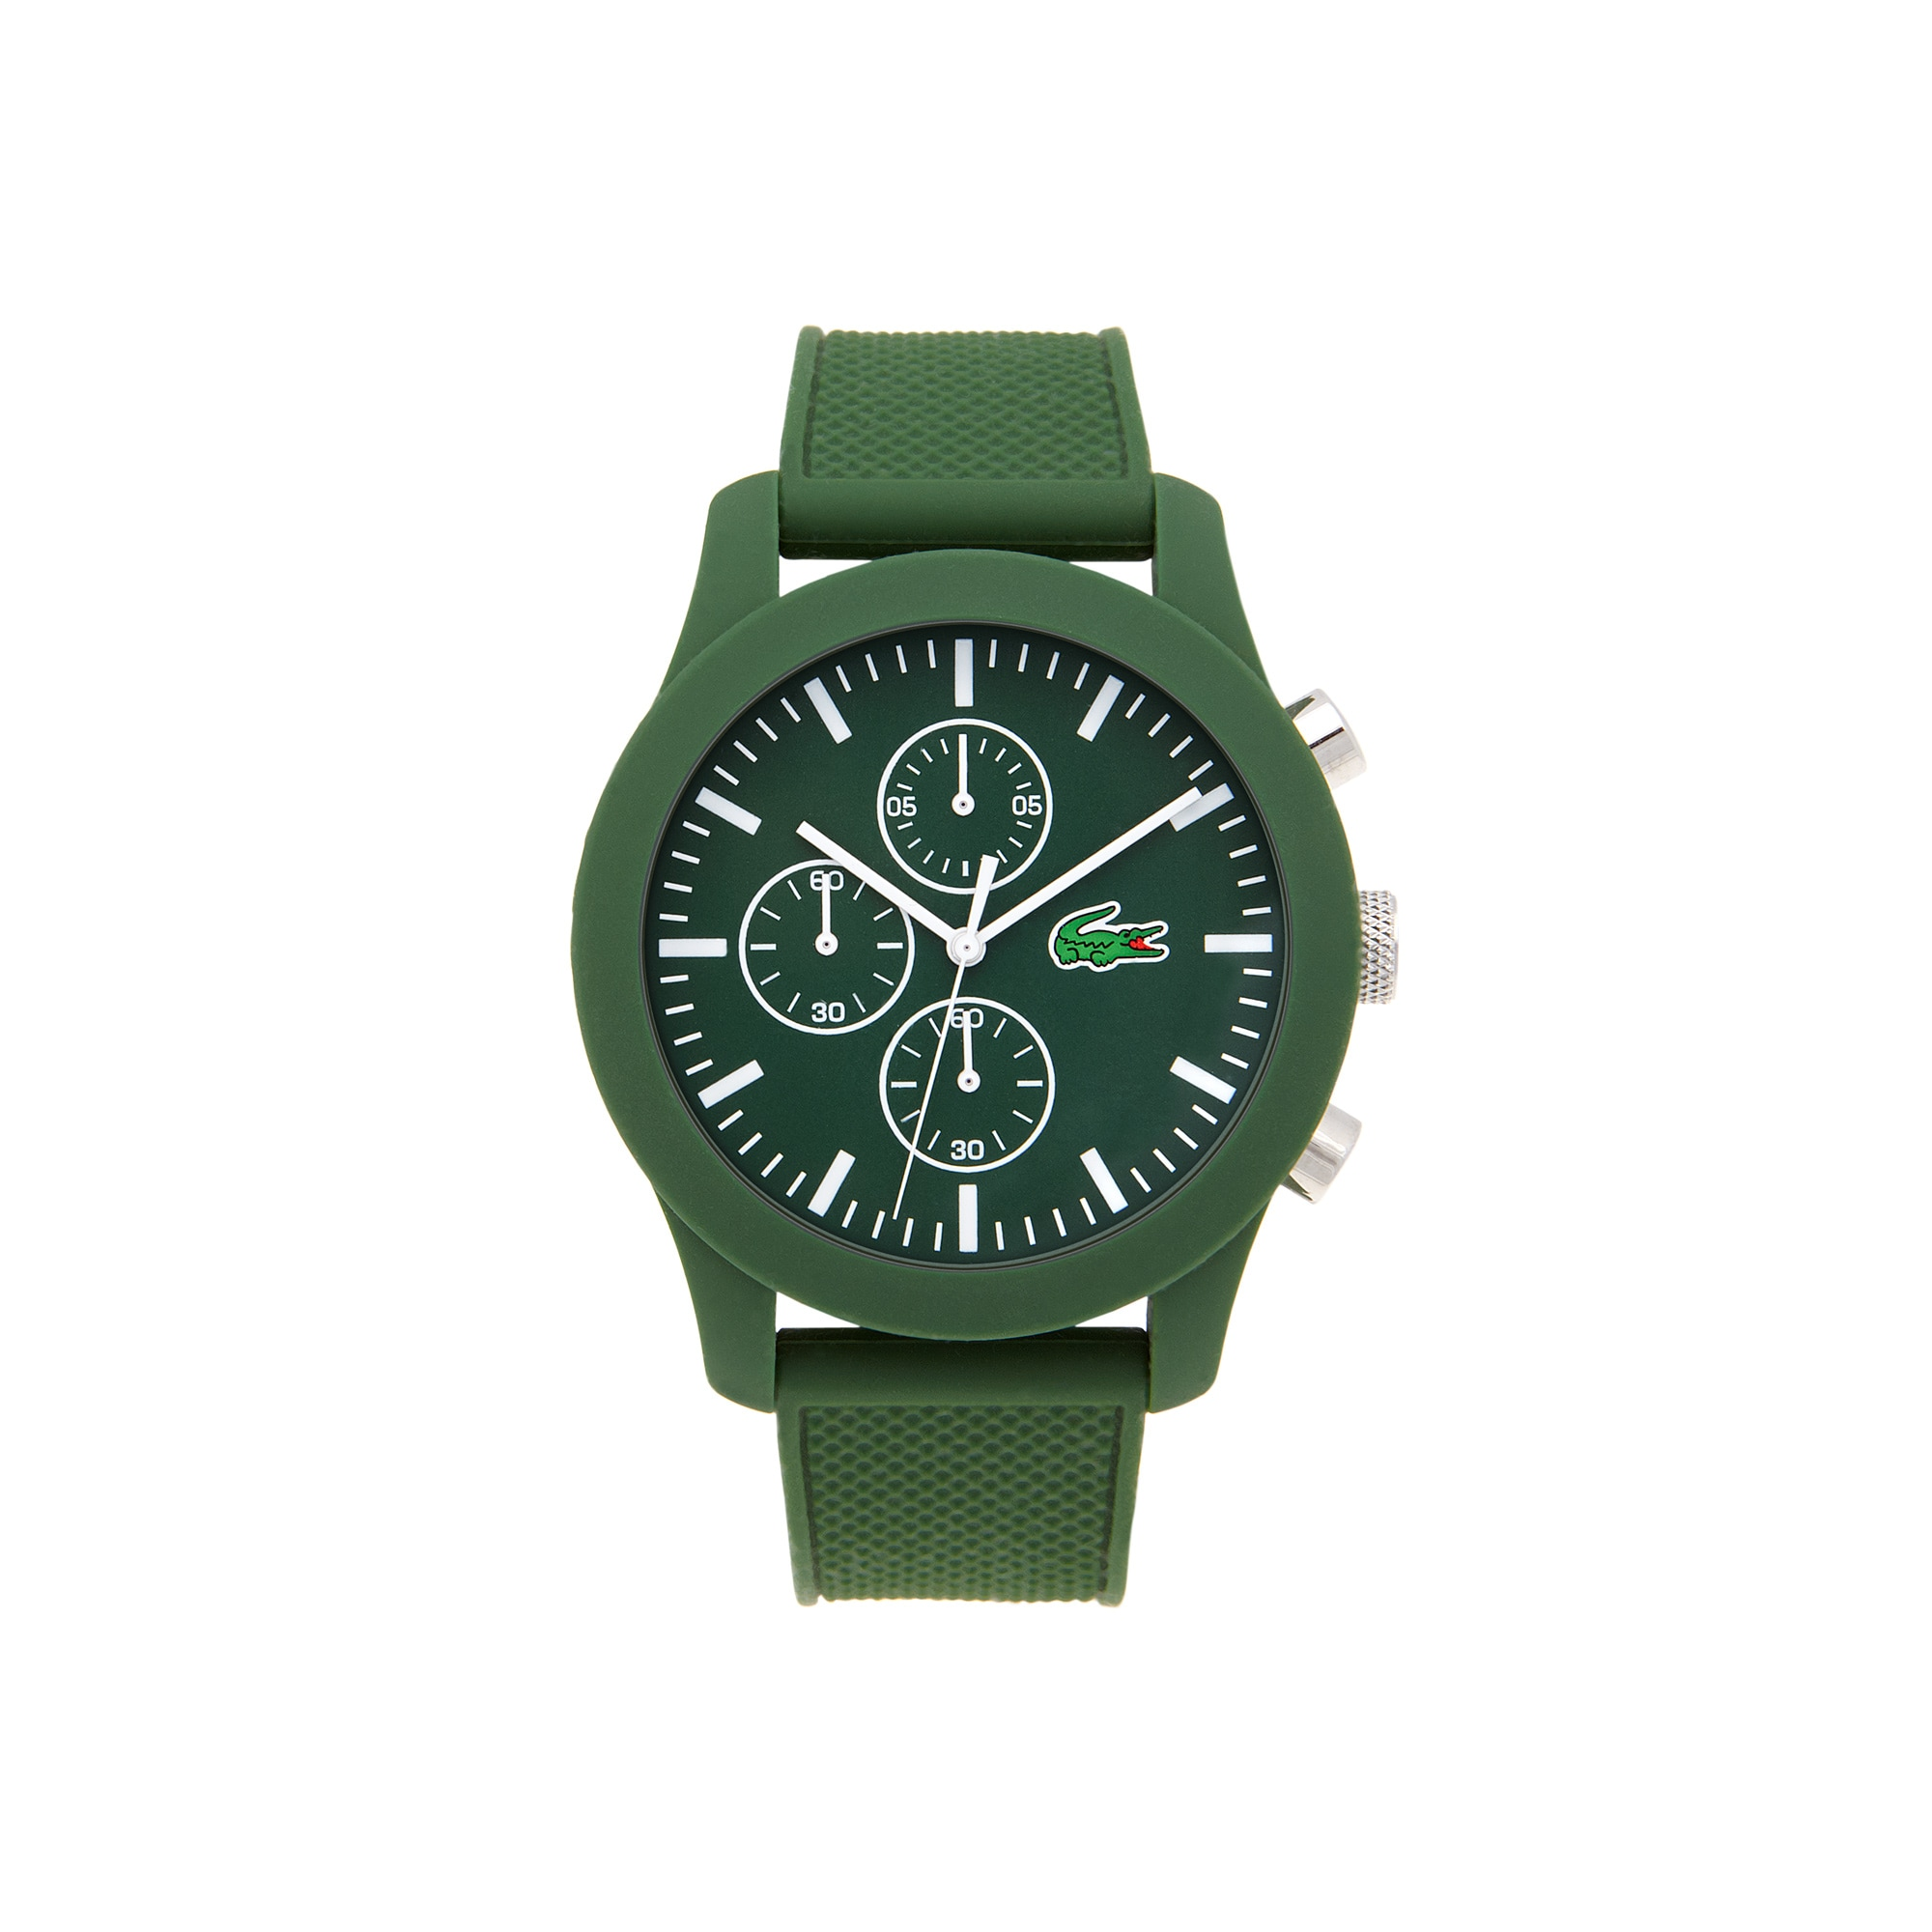 Relógio Lacoste 12.12 Homem com Bracelete em Silicone Verde